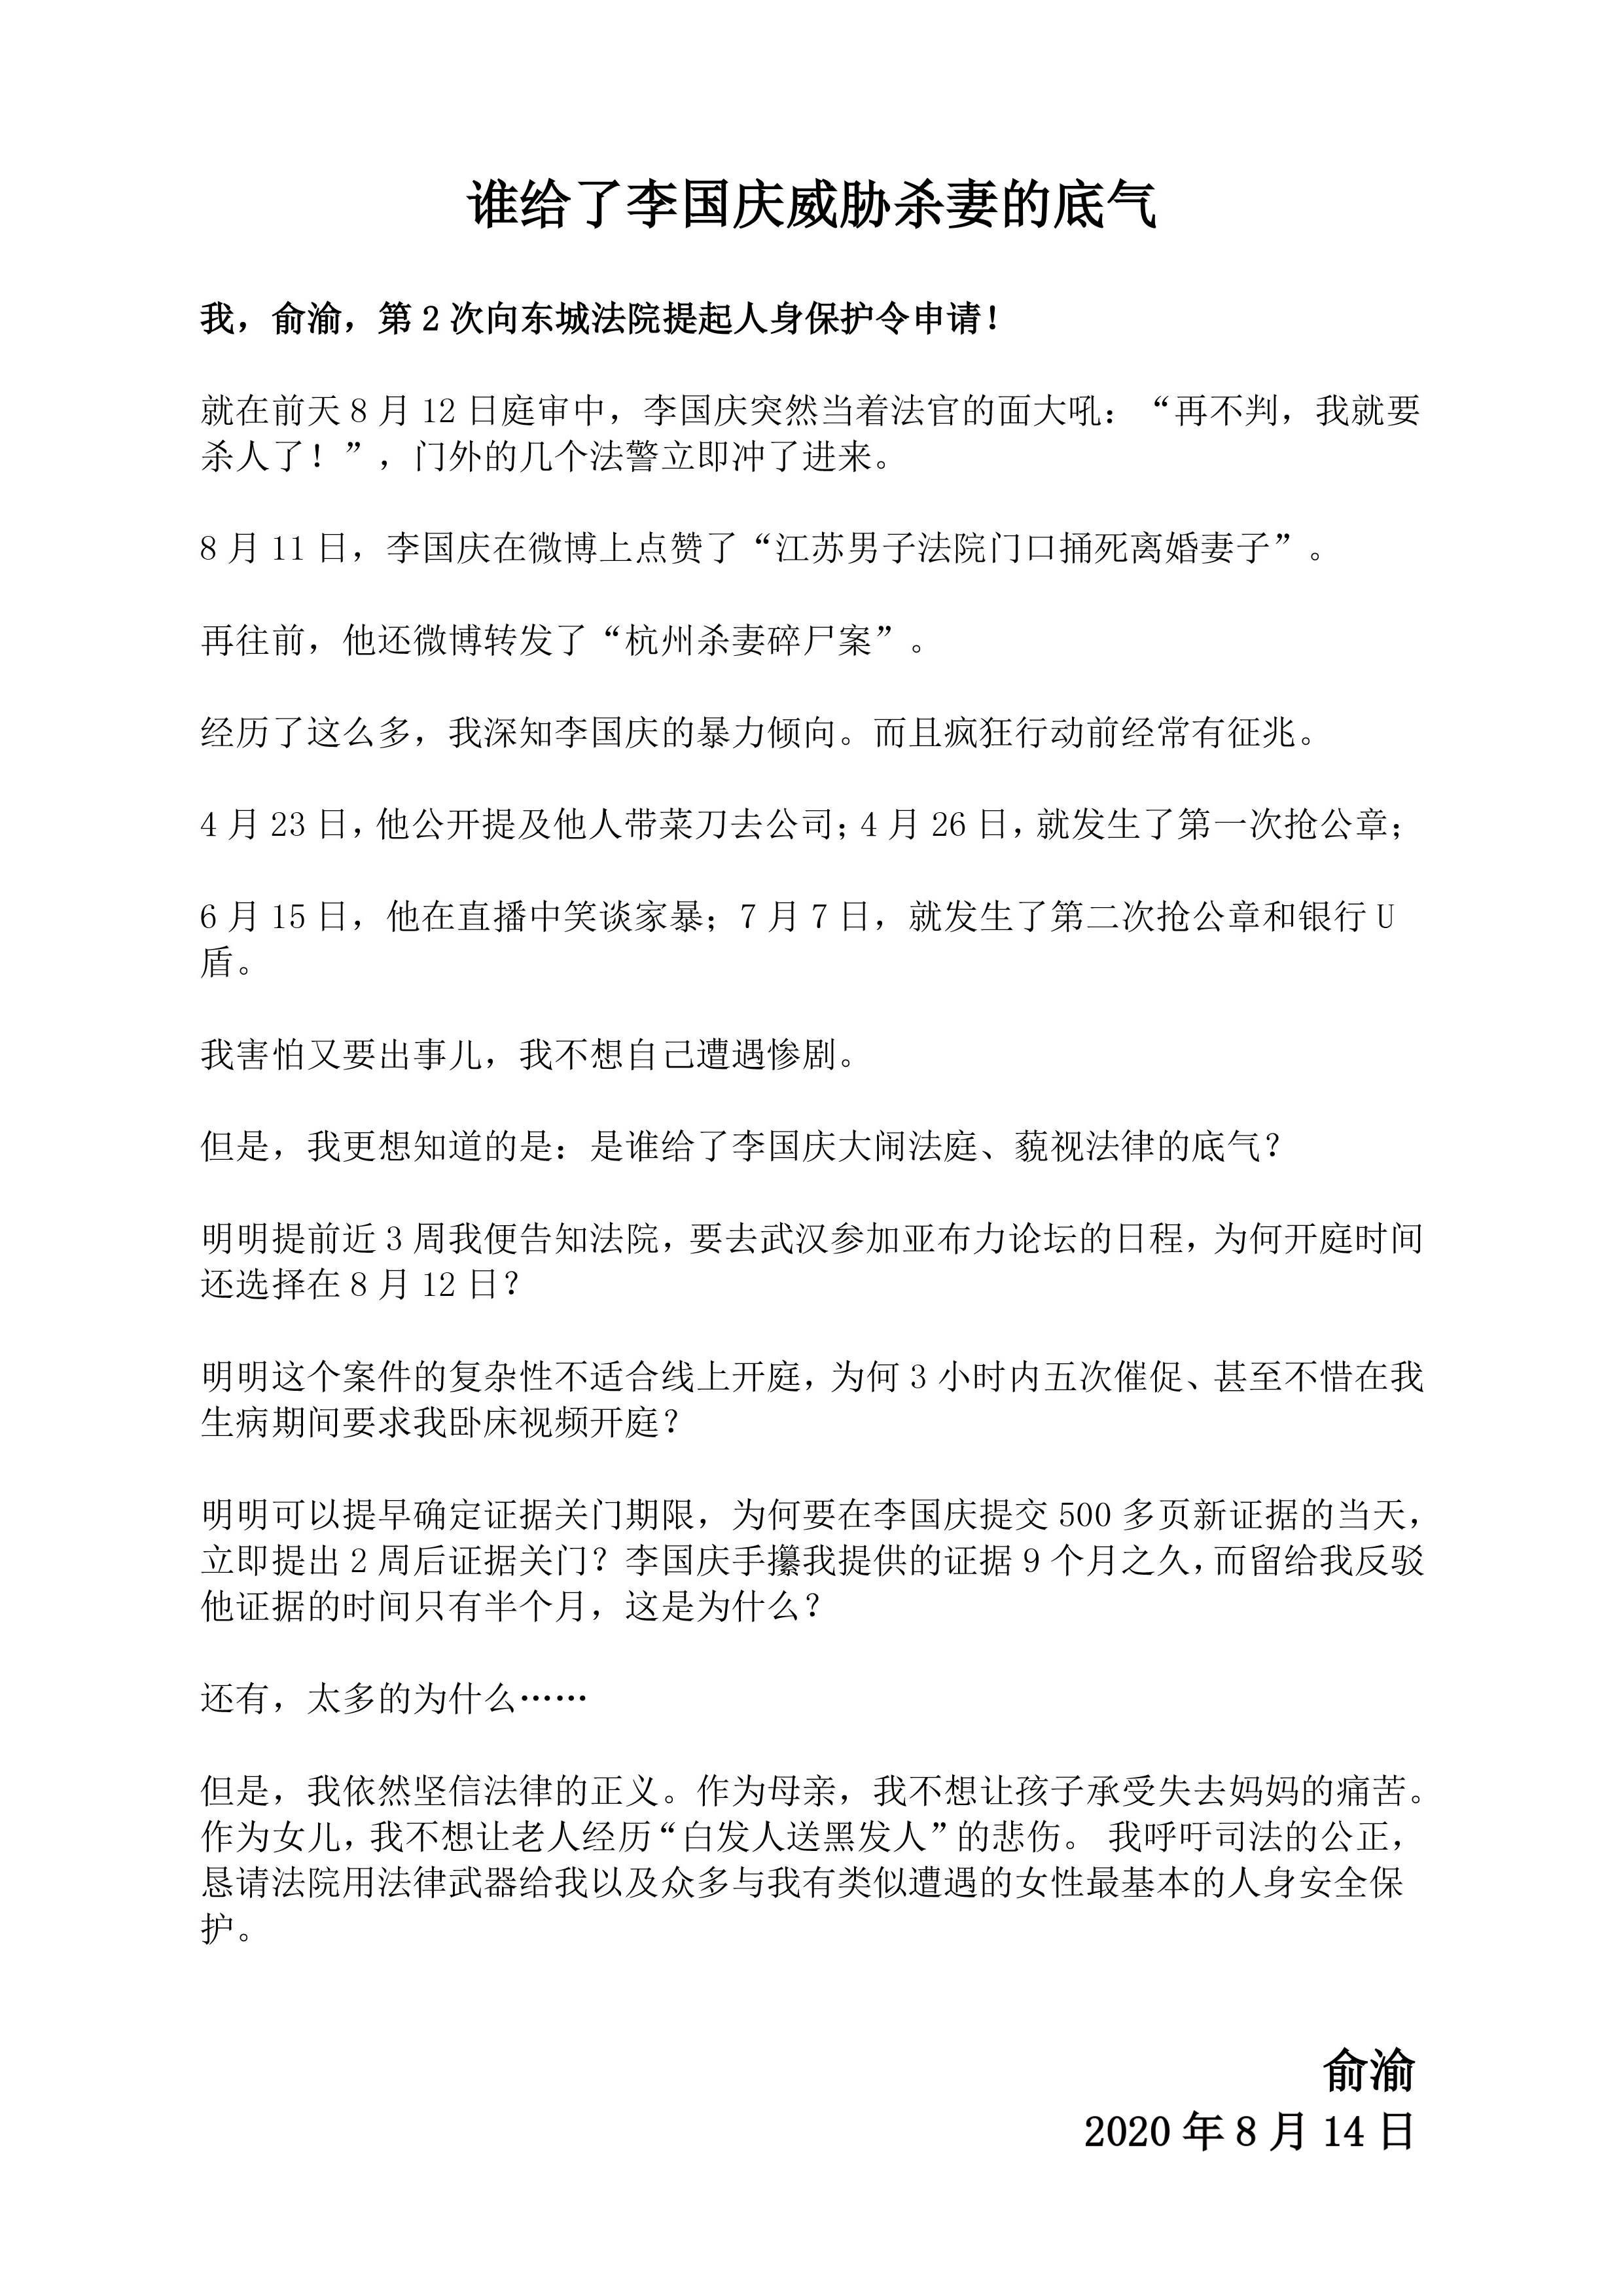 俞渝发公开信:谁给了李国庆威胁杀妻的底气?的照片 - 4